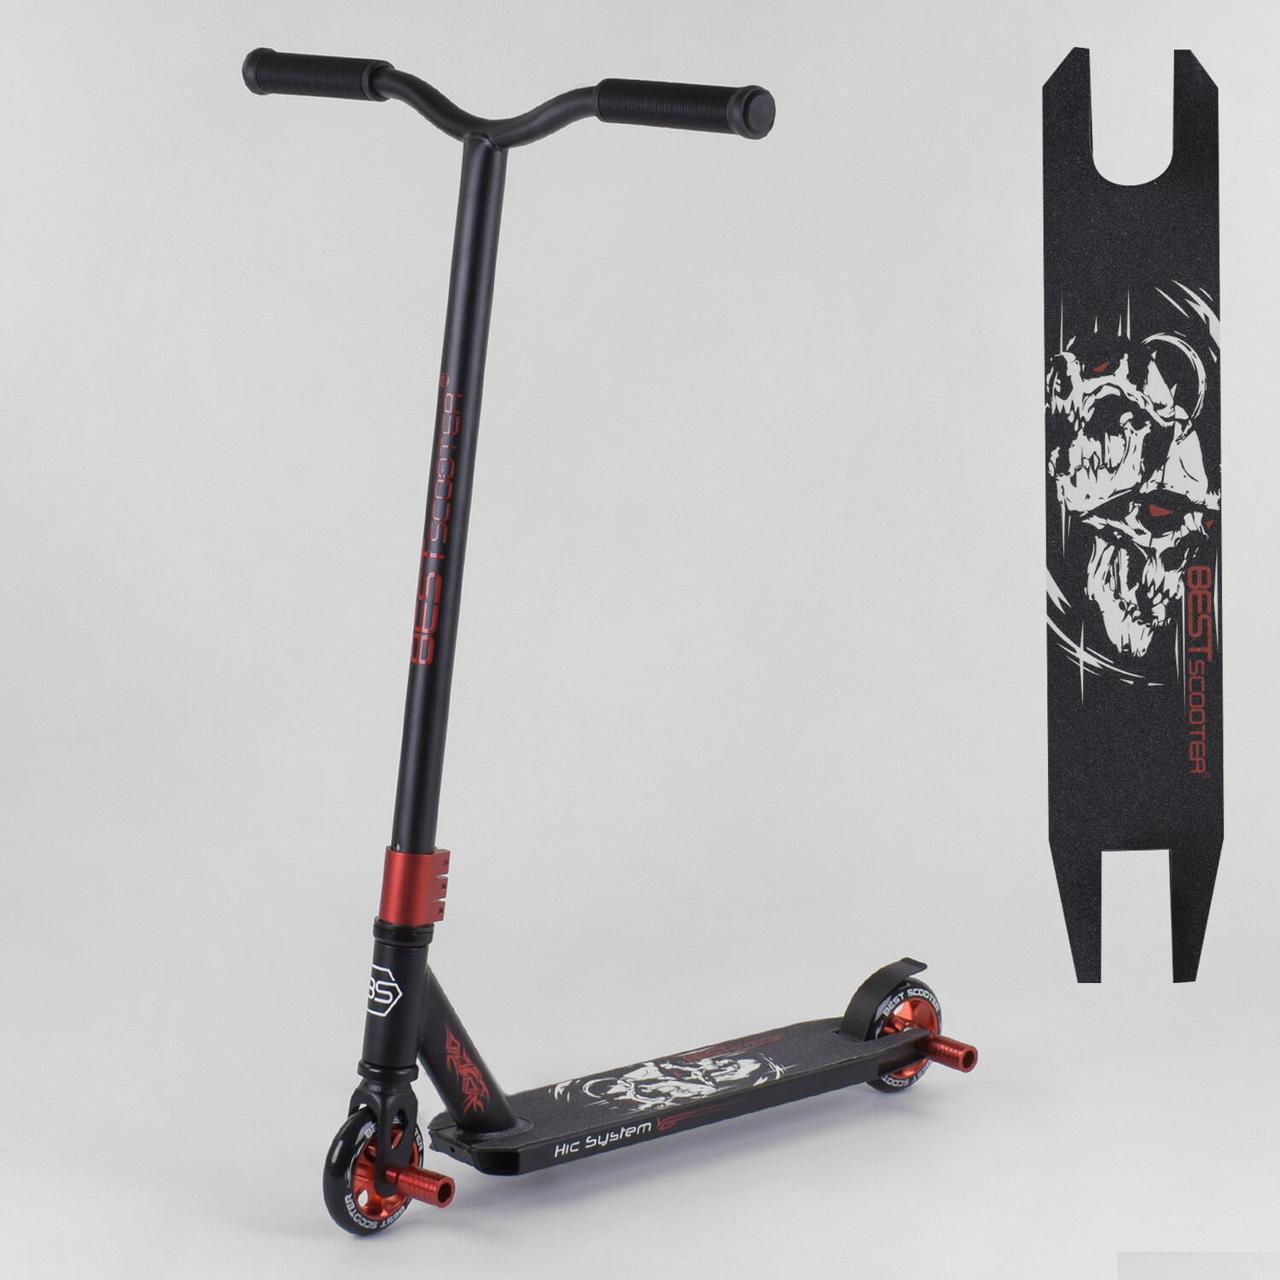 Самокат трюковый Best Scooter (HIC-система, пеги, алюминиевый диск) арт. 32947